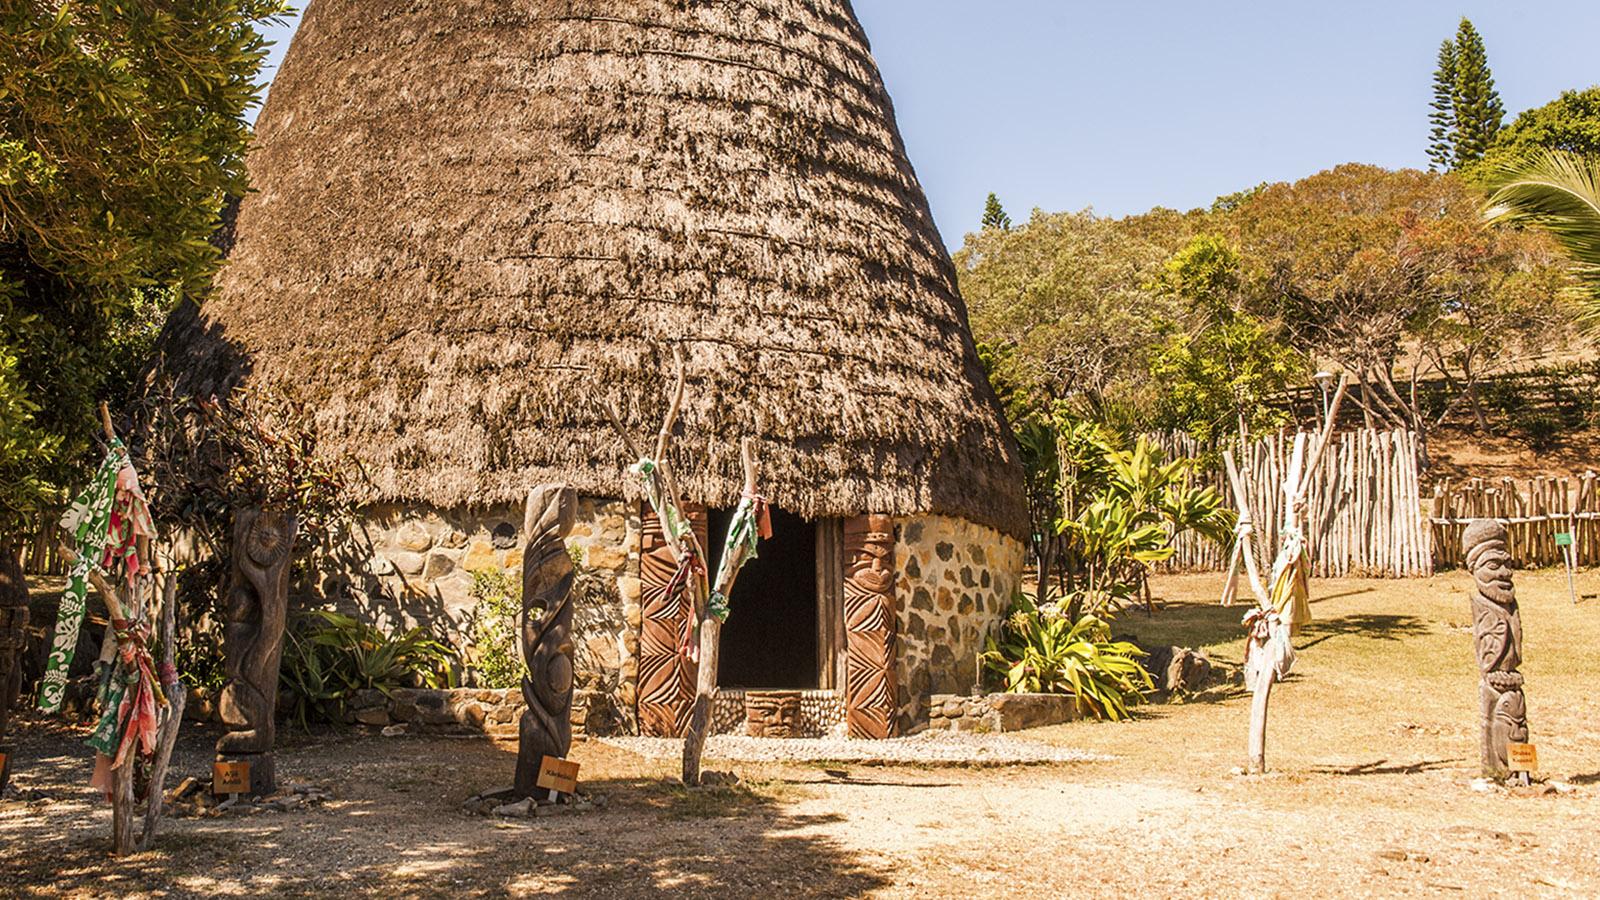 """Neukaledonien: Die typischen """"cases"""" der Kanaken sind im Tjibaou-Kulturzentrum von Nouméa ausgestellt. Foto: Hilke Maunder"""